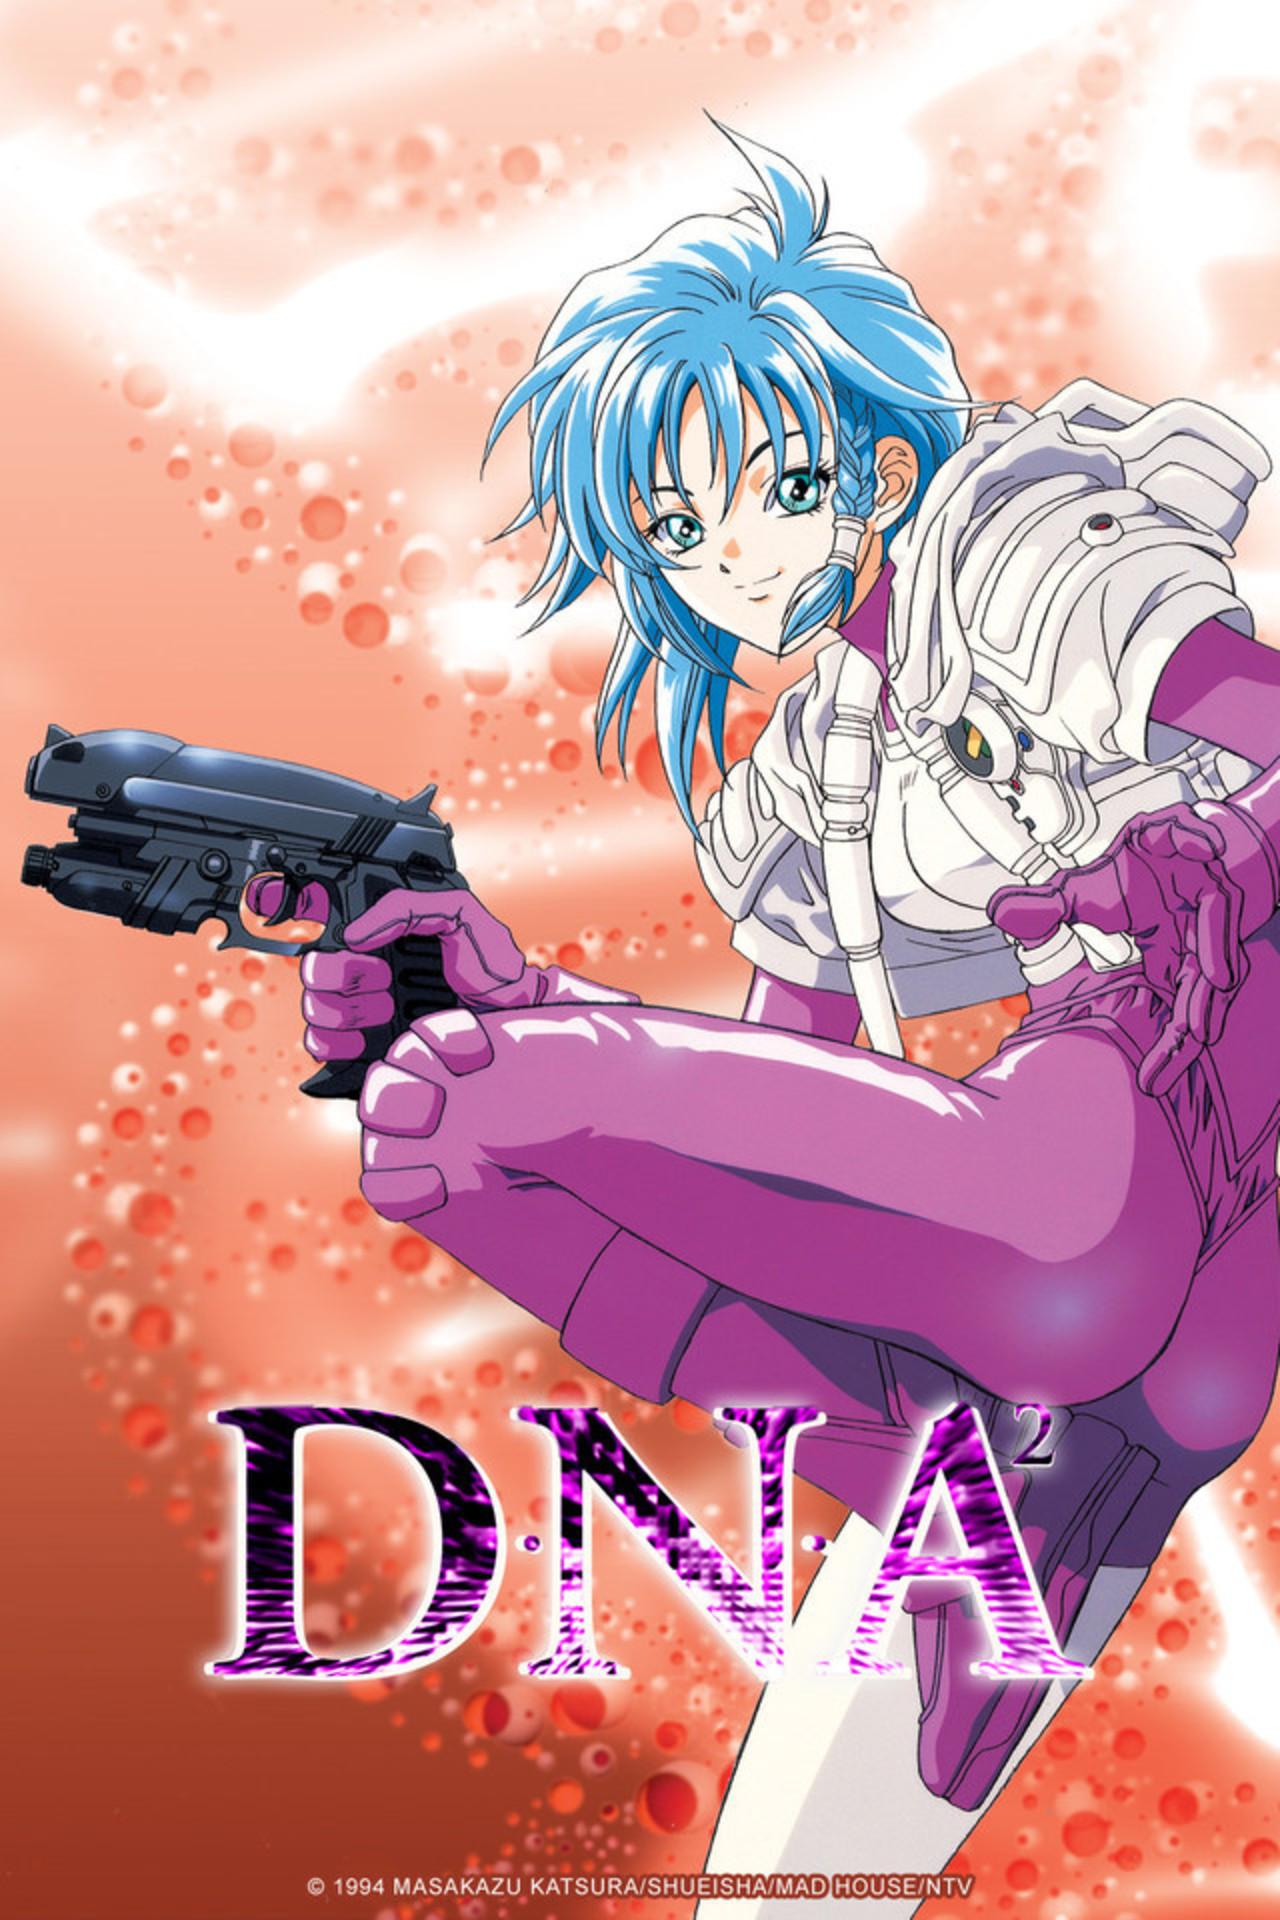 DNA²: Dokokade nakushita aitsu no aitsu kapak